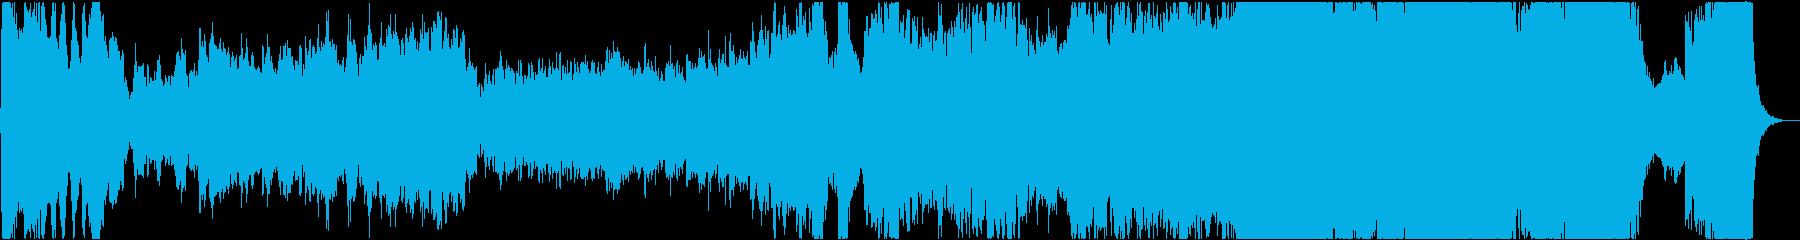 大河ドラマ主題曲のような和風オーケストラの再生済みの波形